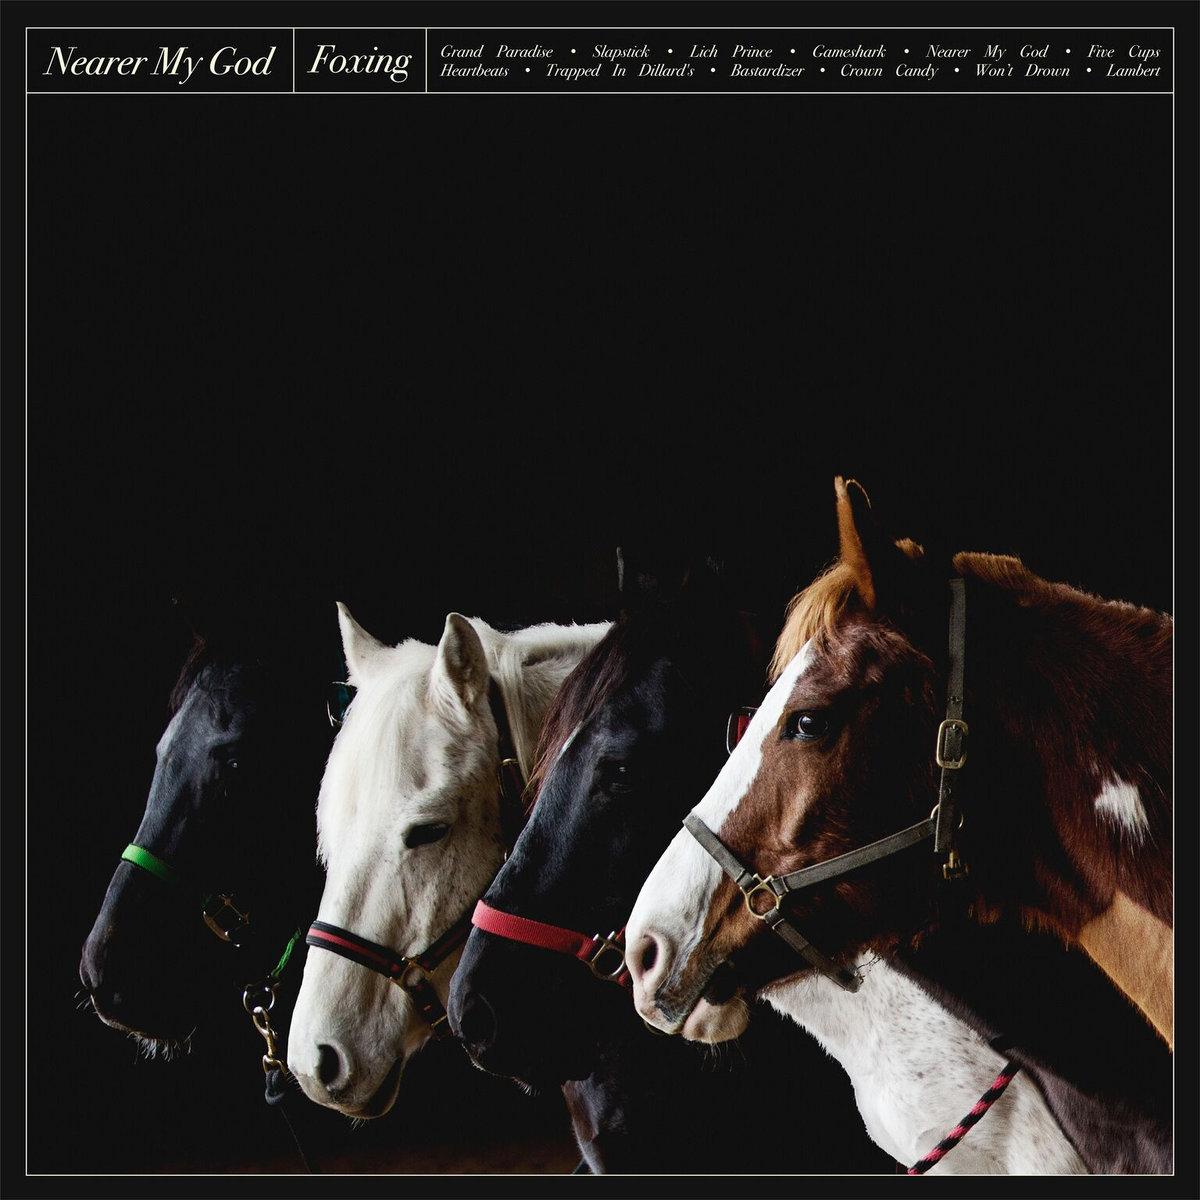 9. Foxing - Nearer My God - Favorite Song: Slapstick